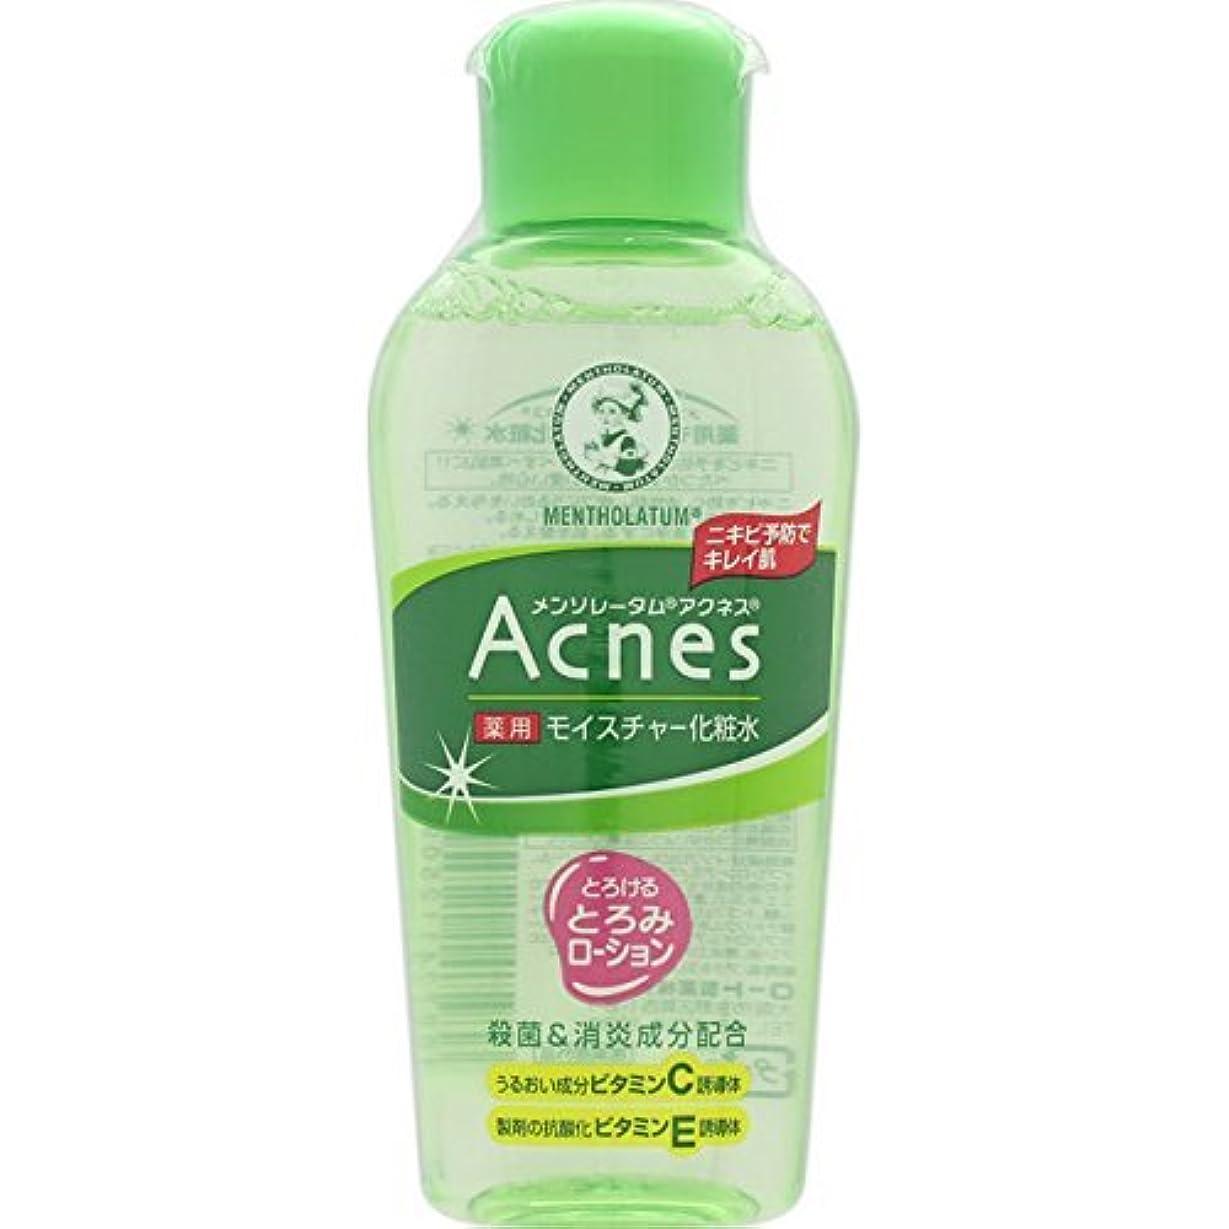 マッサージ嬉しいです壮大なAcnes(アクネス) 薬用モイスチャー化粧水 120mL【医薬部外品】